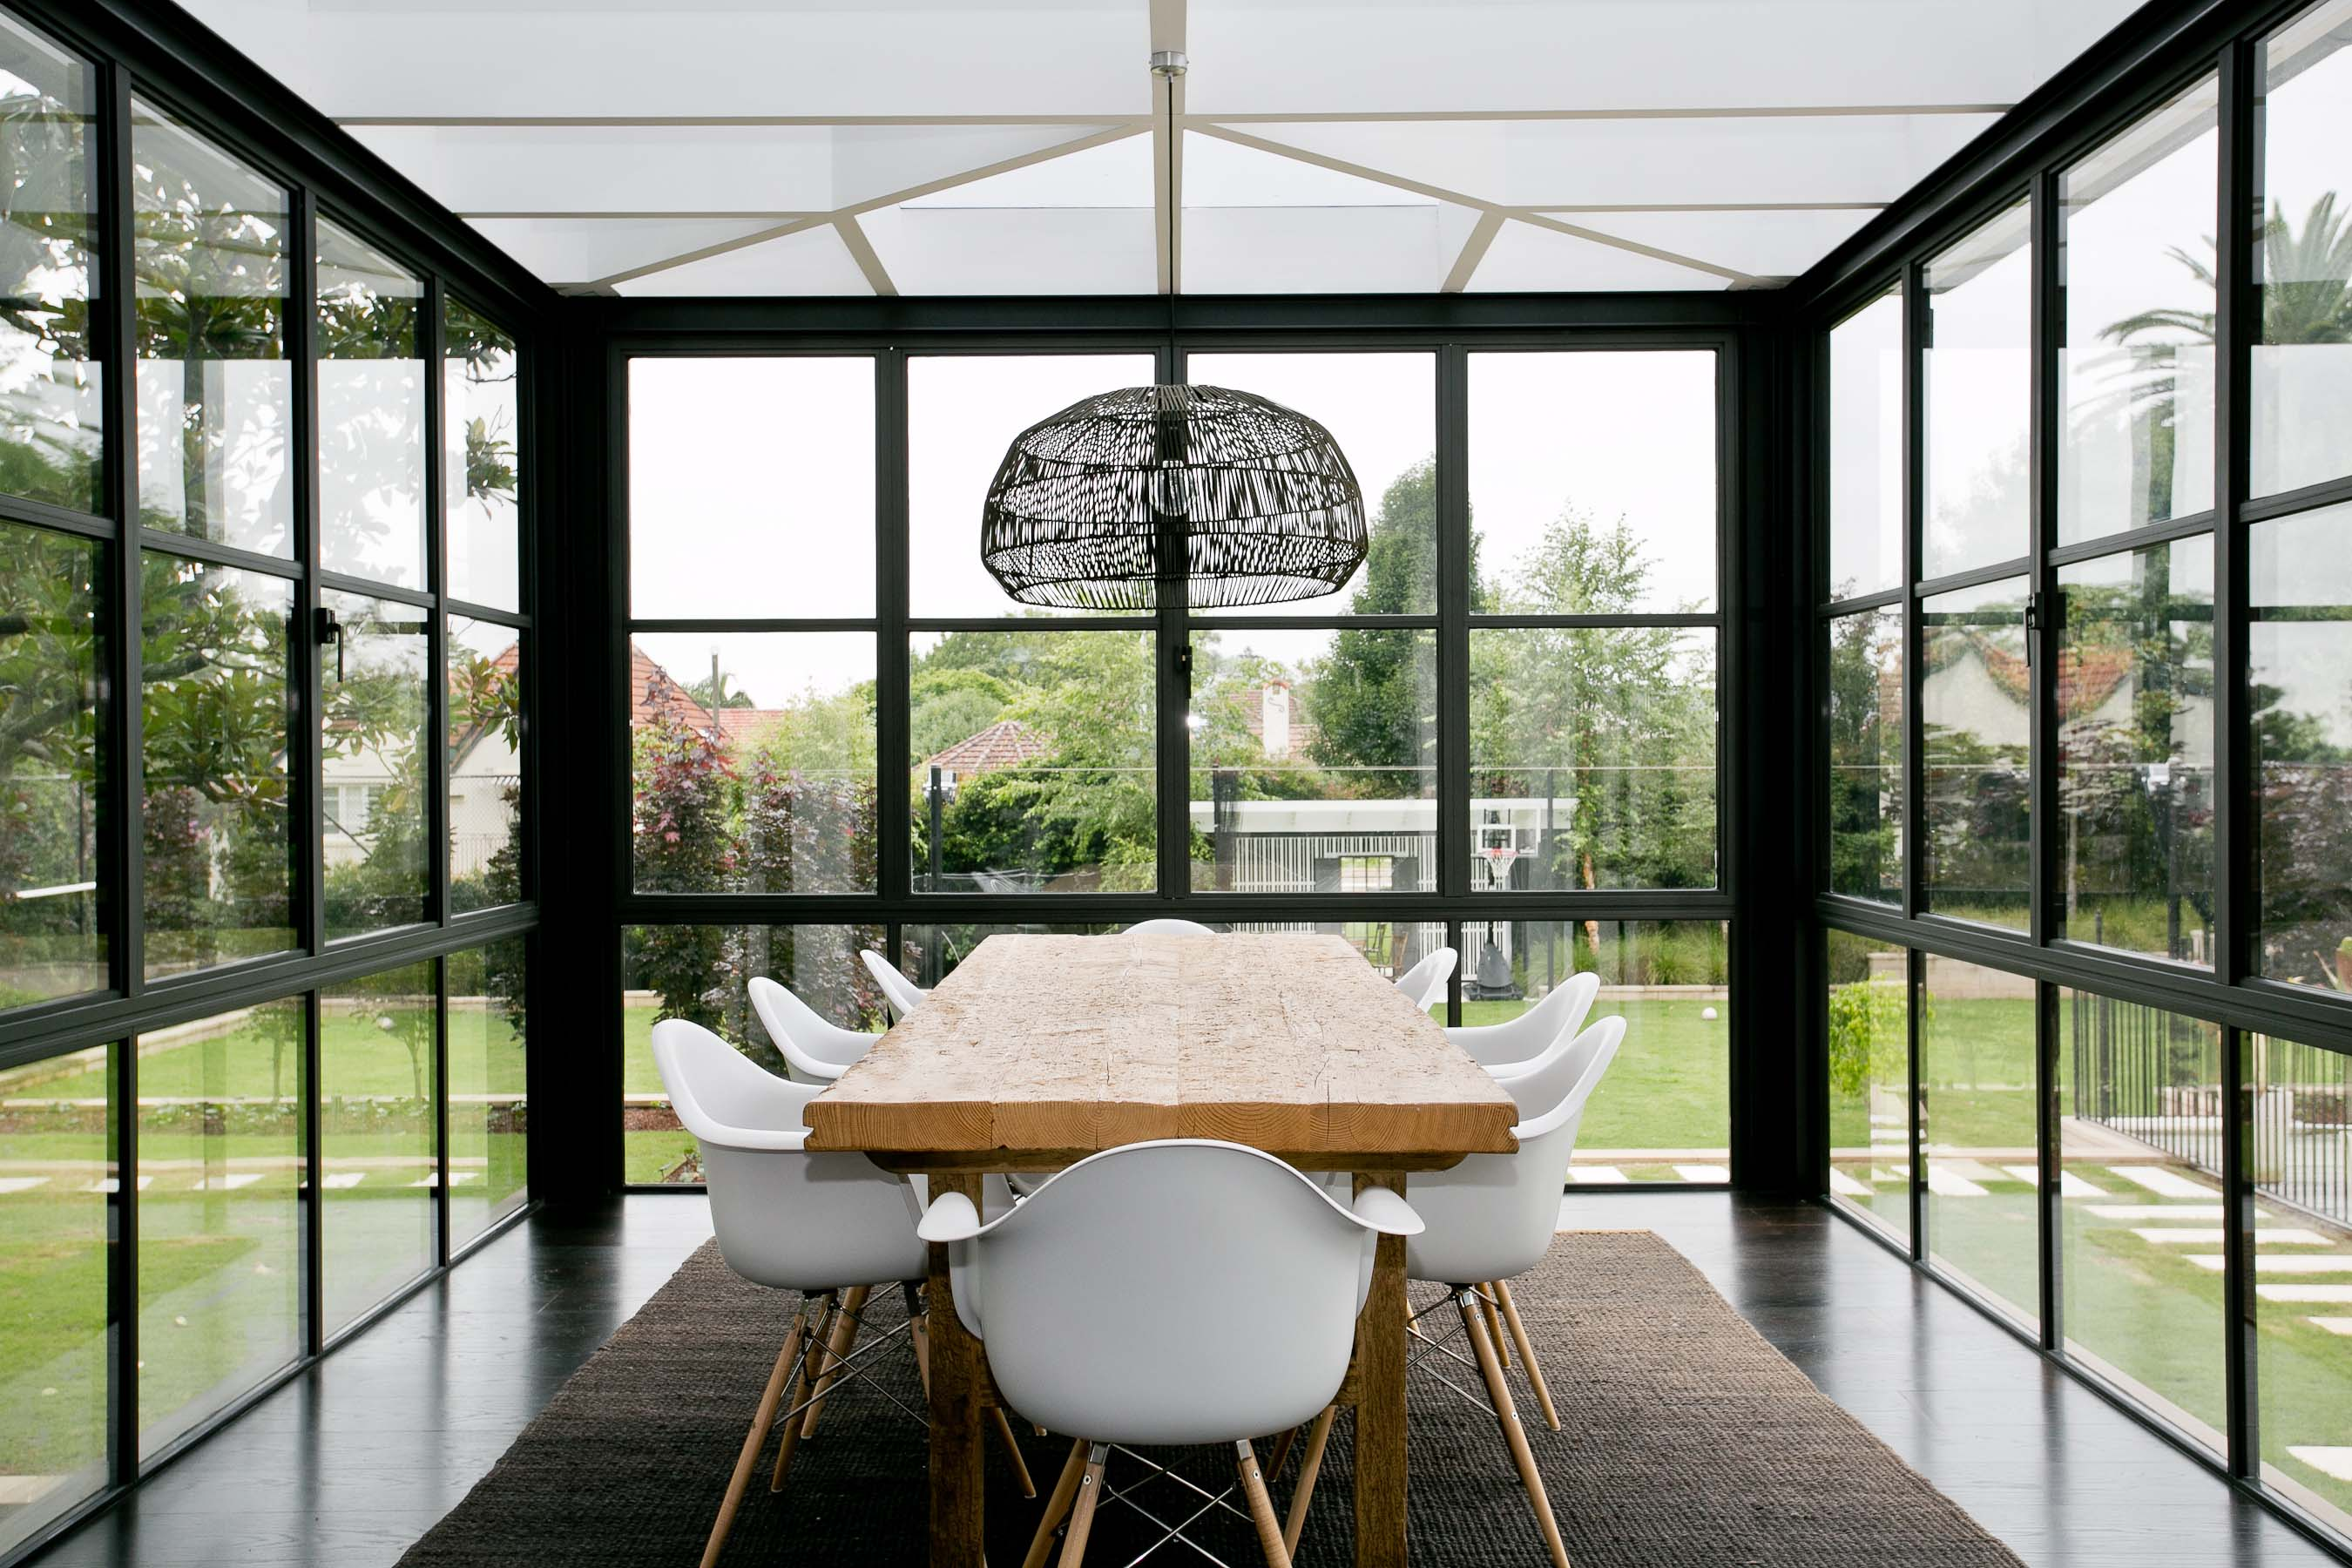 Giardino D Inverno In Vetro verande e giardini d'inverno in stile moderno - living corriere